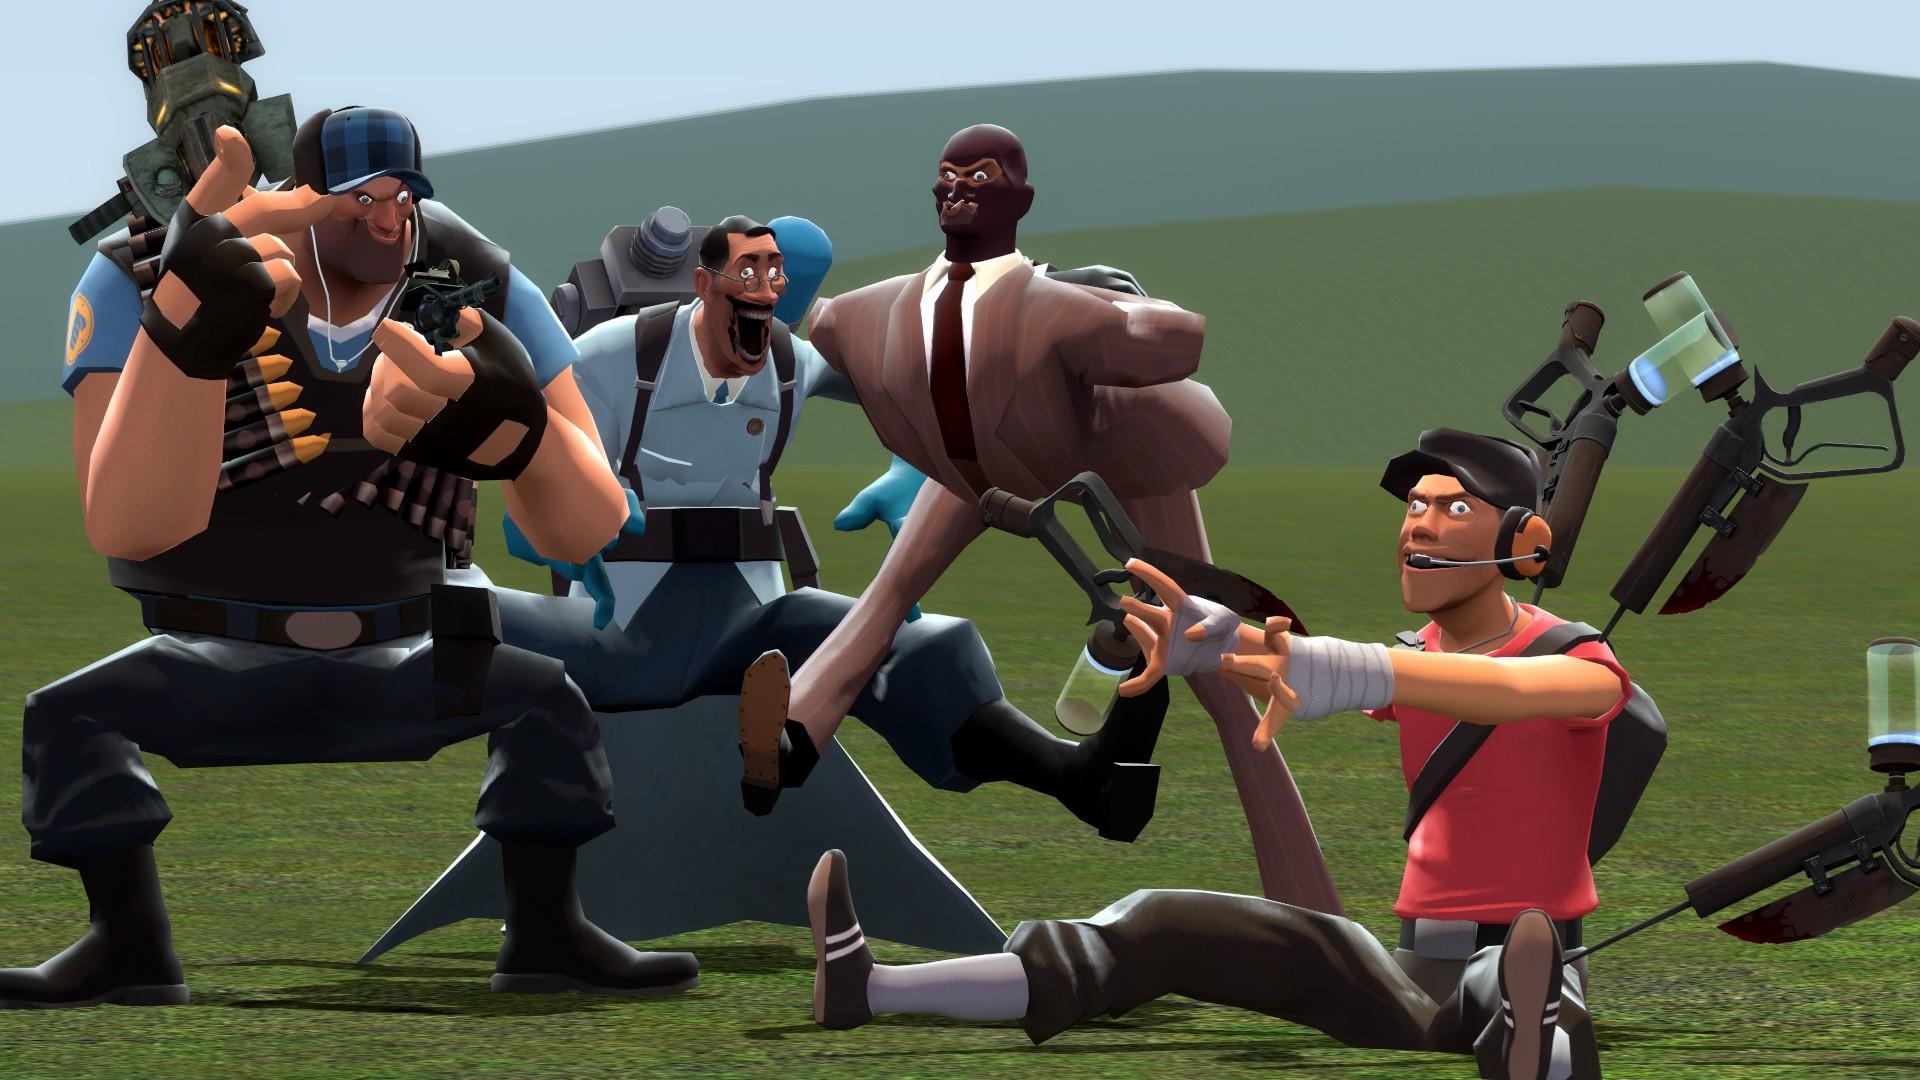 Video Game - Garry's Mod Wallpaper